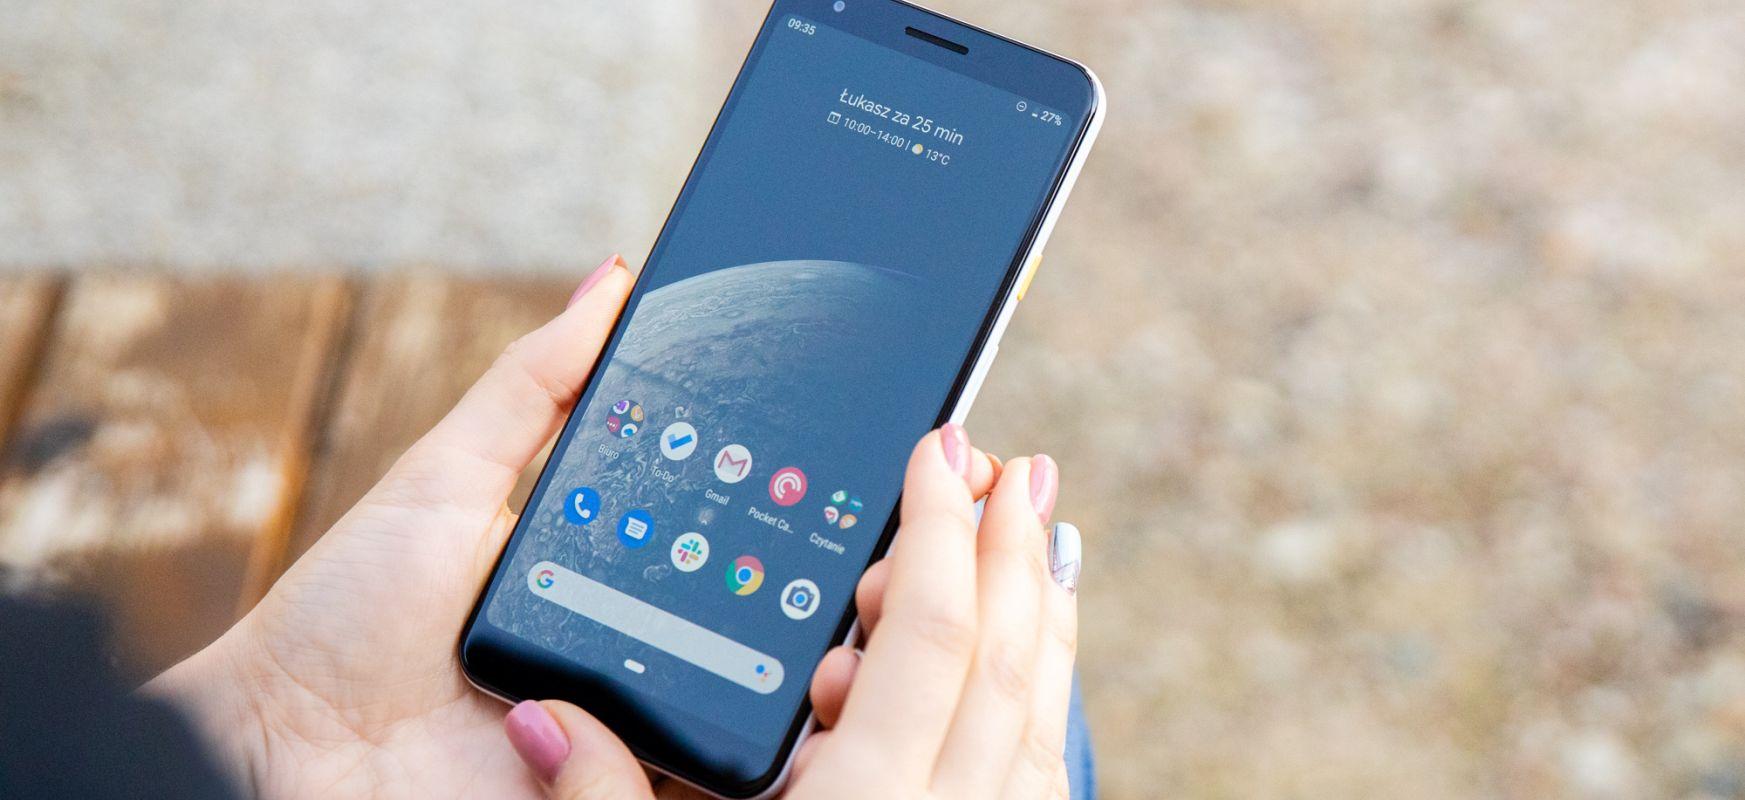 Google Pixel Snapdragon gabe, prozesadore jabedunarekin.  Oso interesgarria da